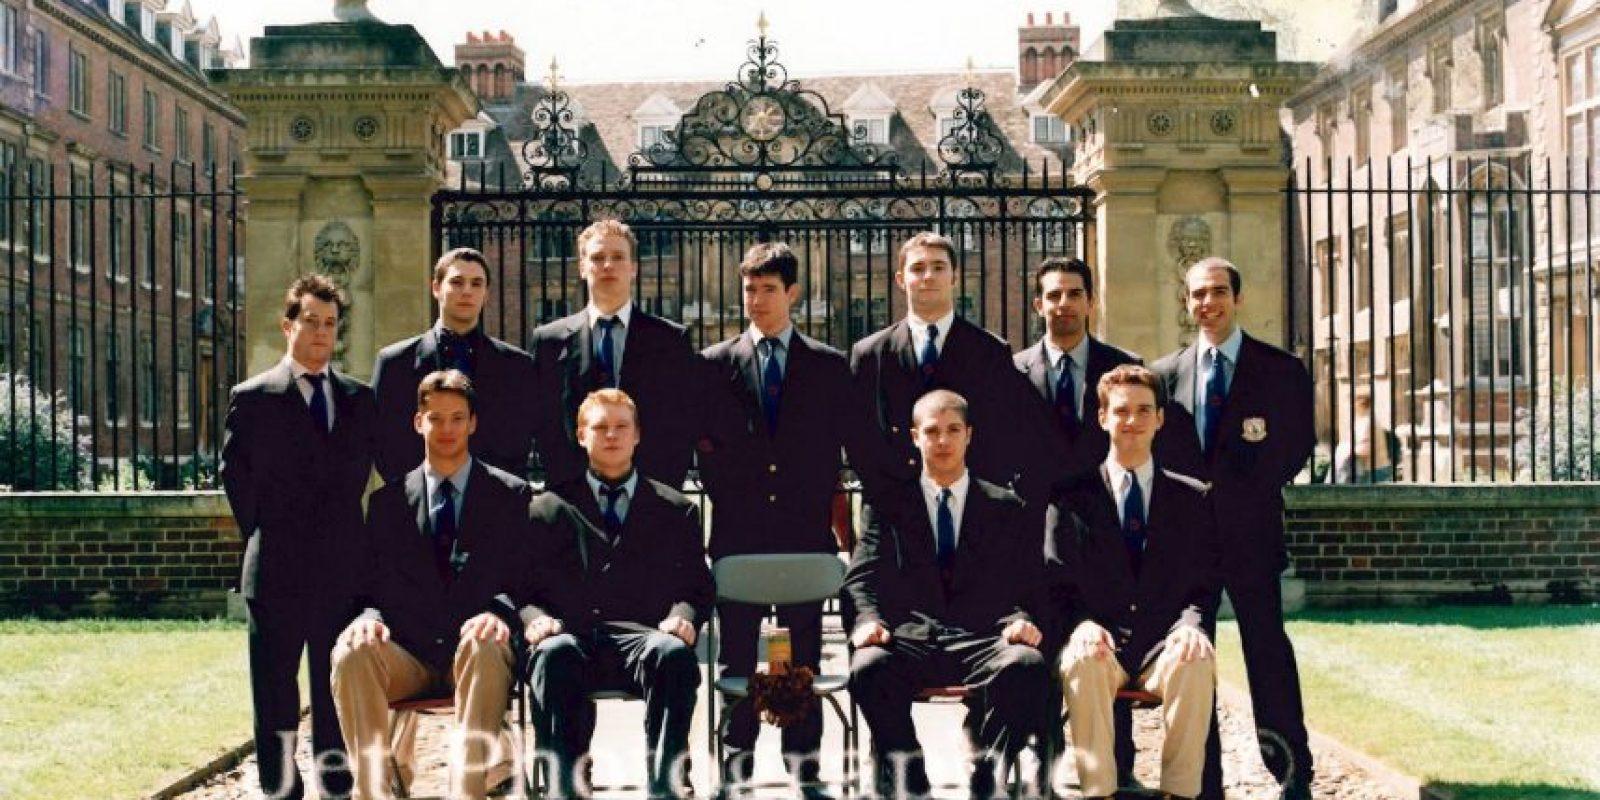 En él permitirá que los hombres utilicen faldas y las mujeres pantalón. Foto:Vía facebook.com/stcatharines.cambridge